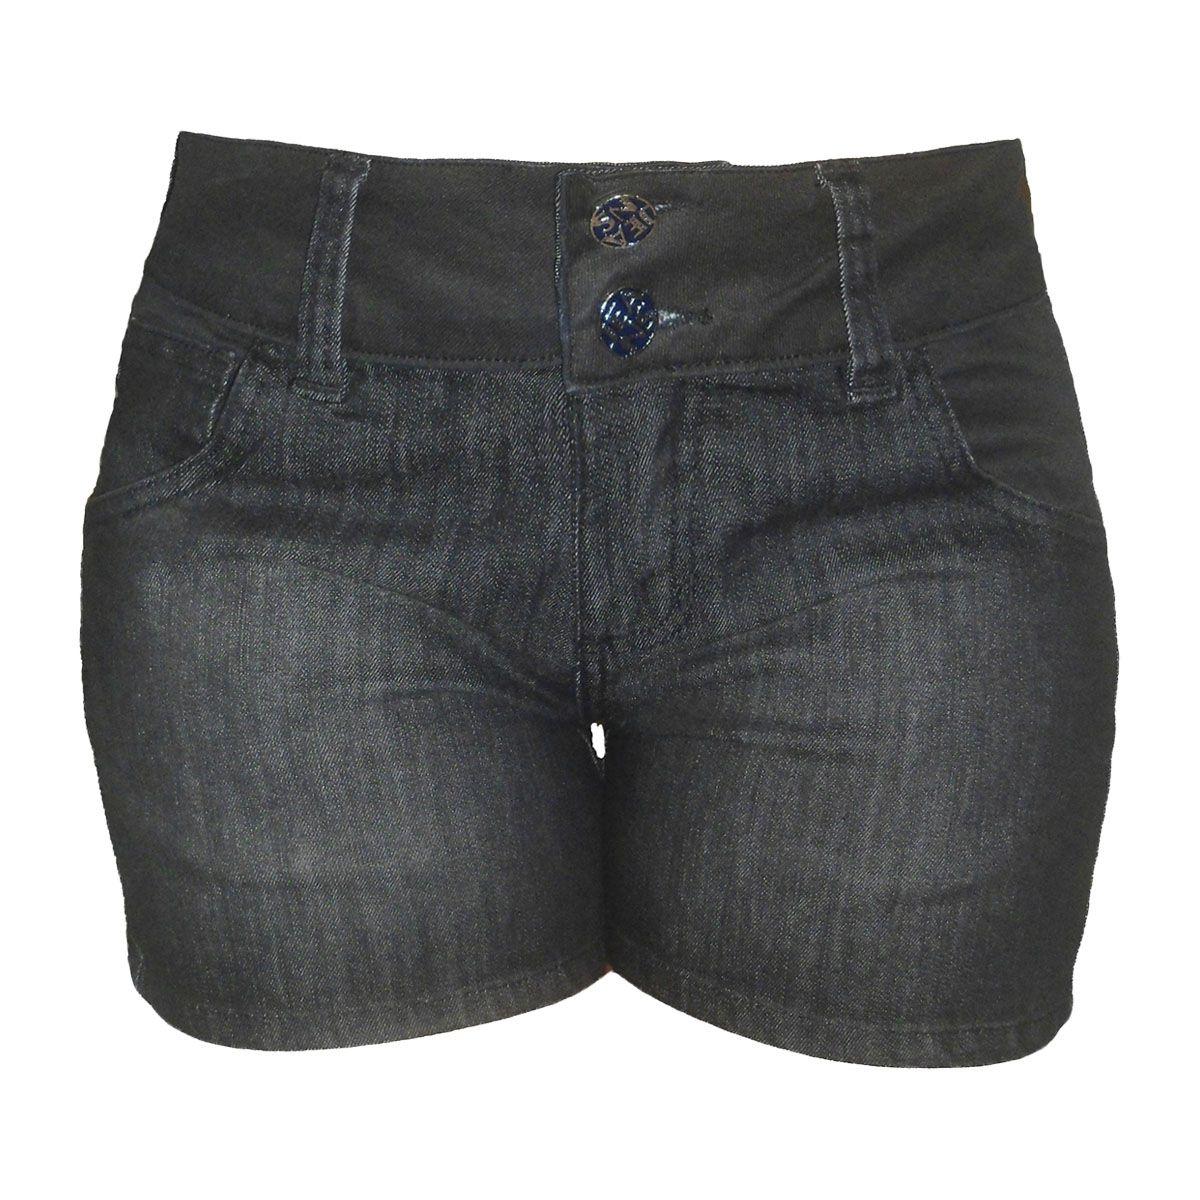 Short Jeans Feminino Preto Cós Resinado Tamanhos 40 E 42